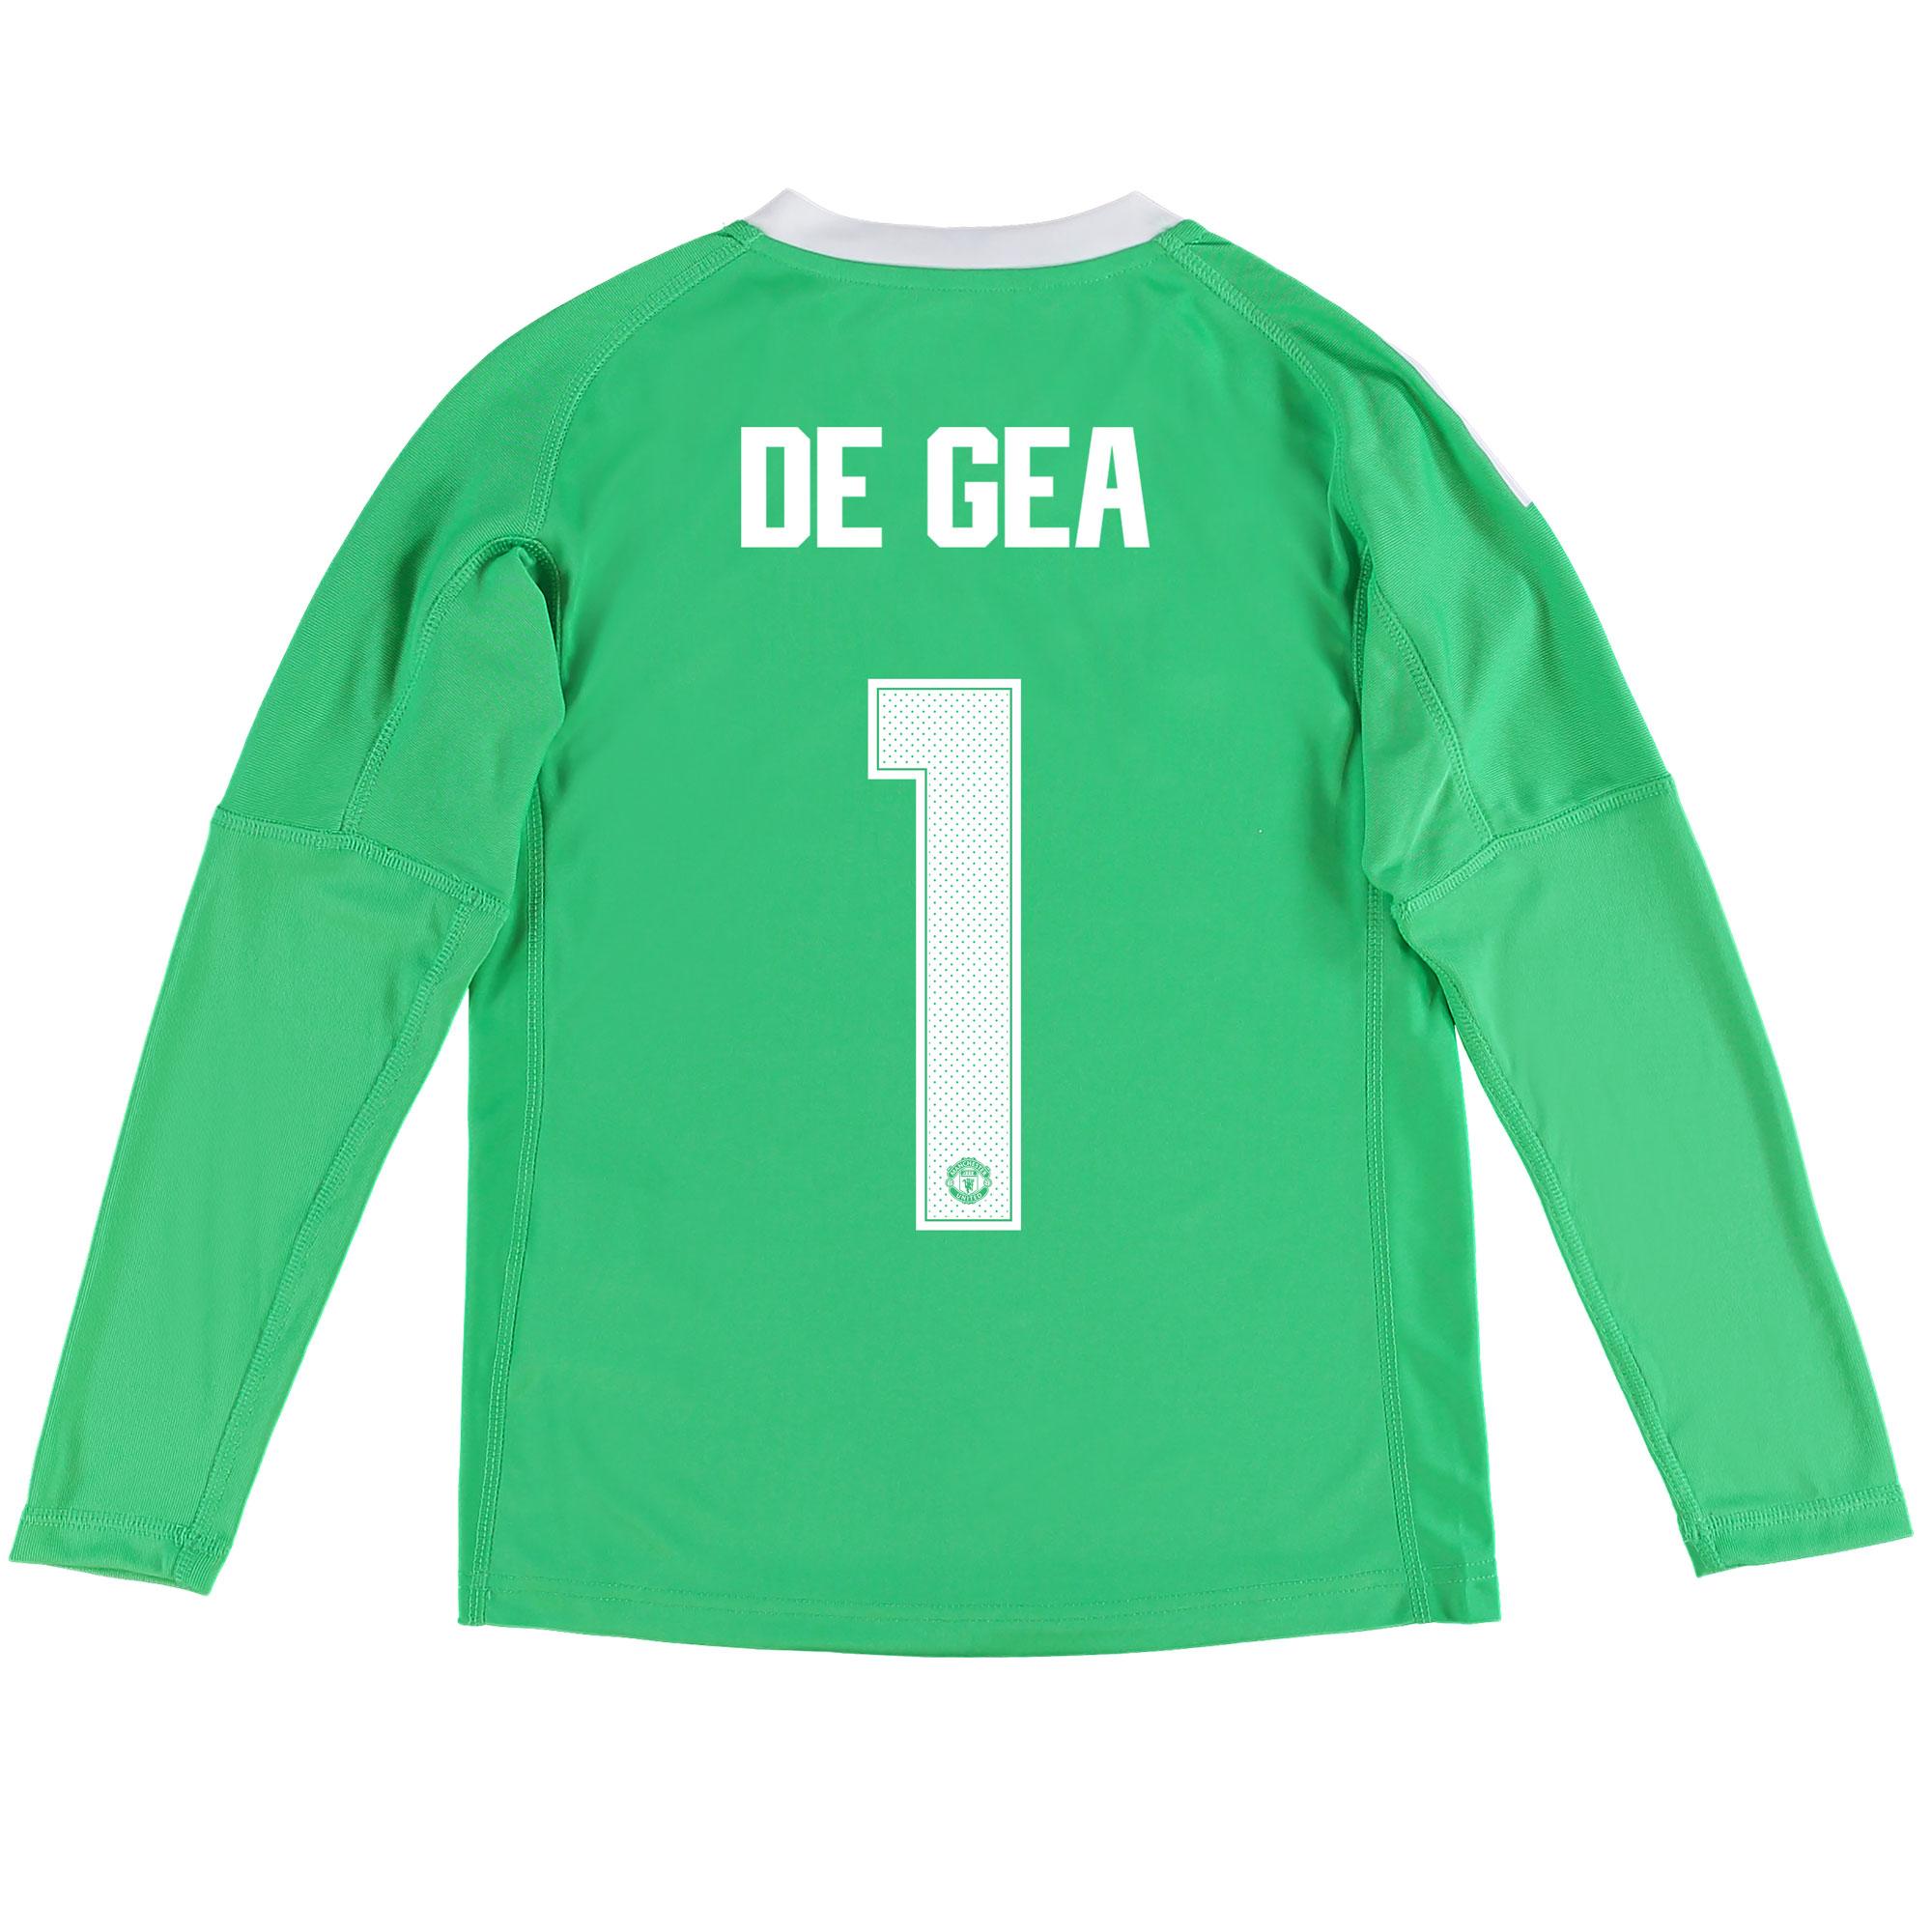 Manchester United Away Goalkeeper Cup Shirt 2017-18 - Kids with De Gea